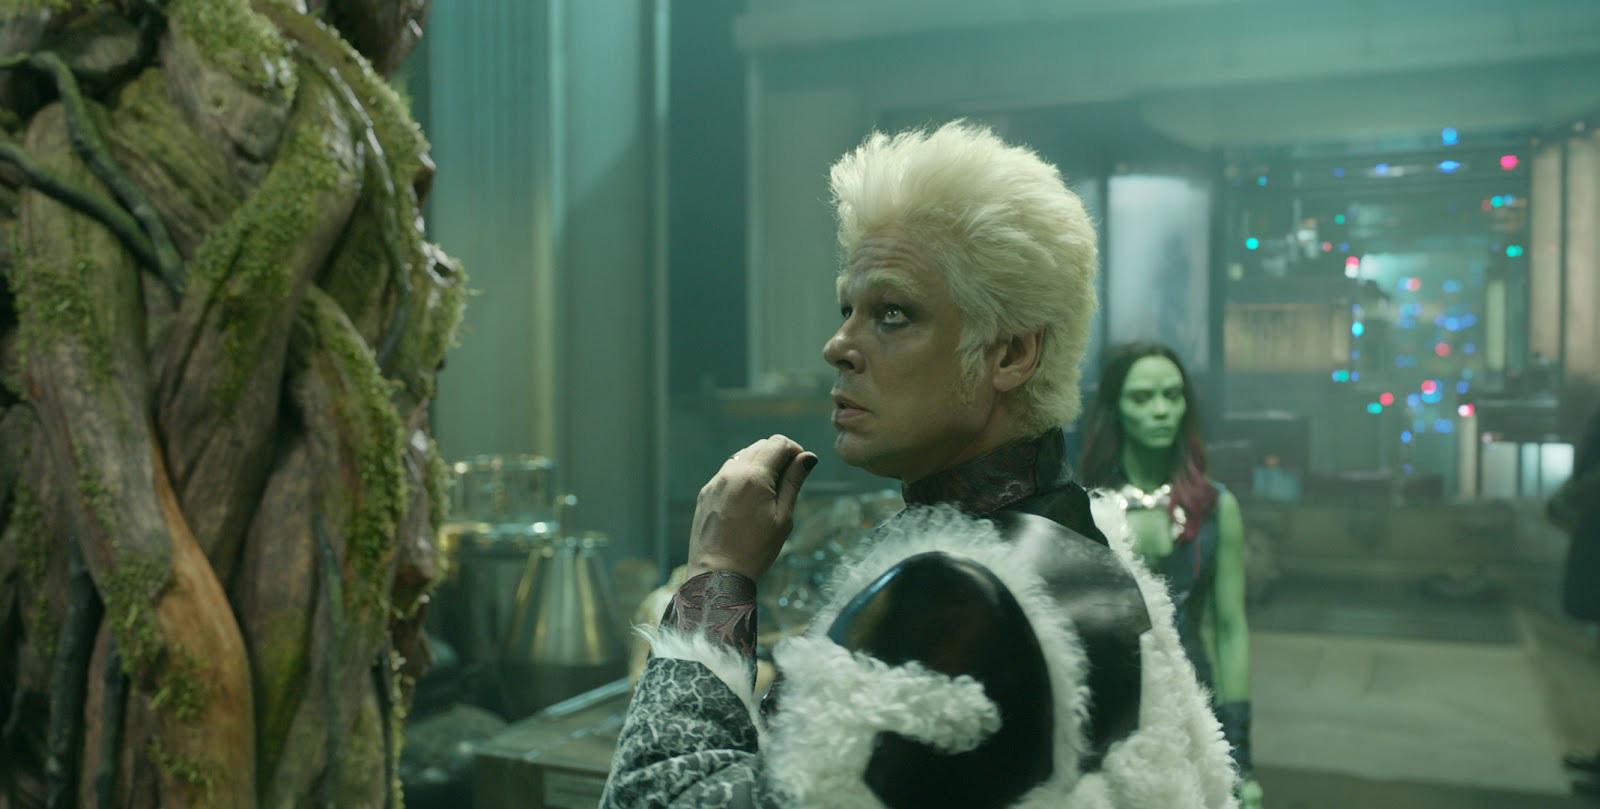 5 lần Marvel phí hoài những tên tuổi nổi tiếng: Glenn Close bỗng dưng bay màu, Benicio Del Toro chỉ biết đội tóc giả khoa trương  - Ảnh 1.